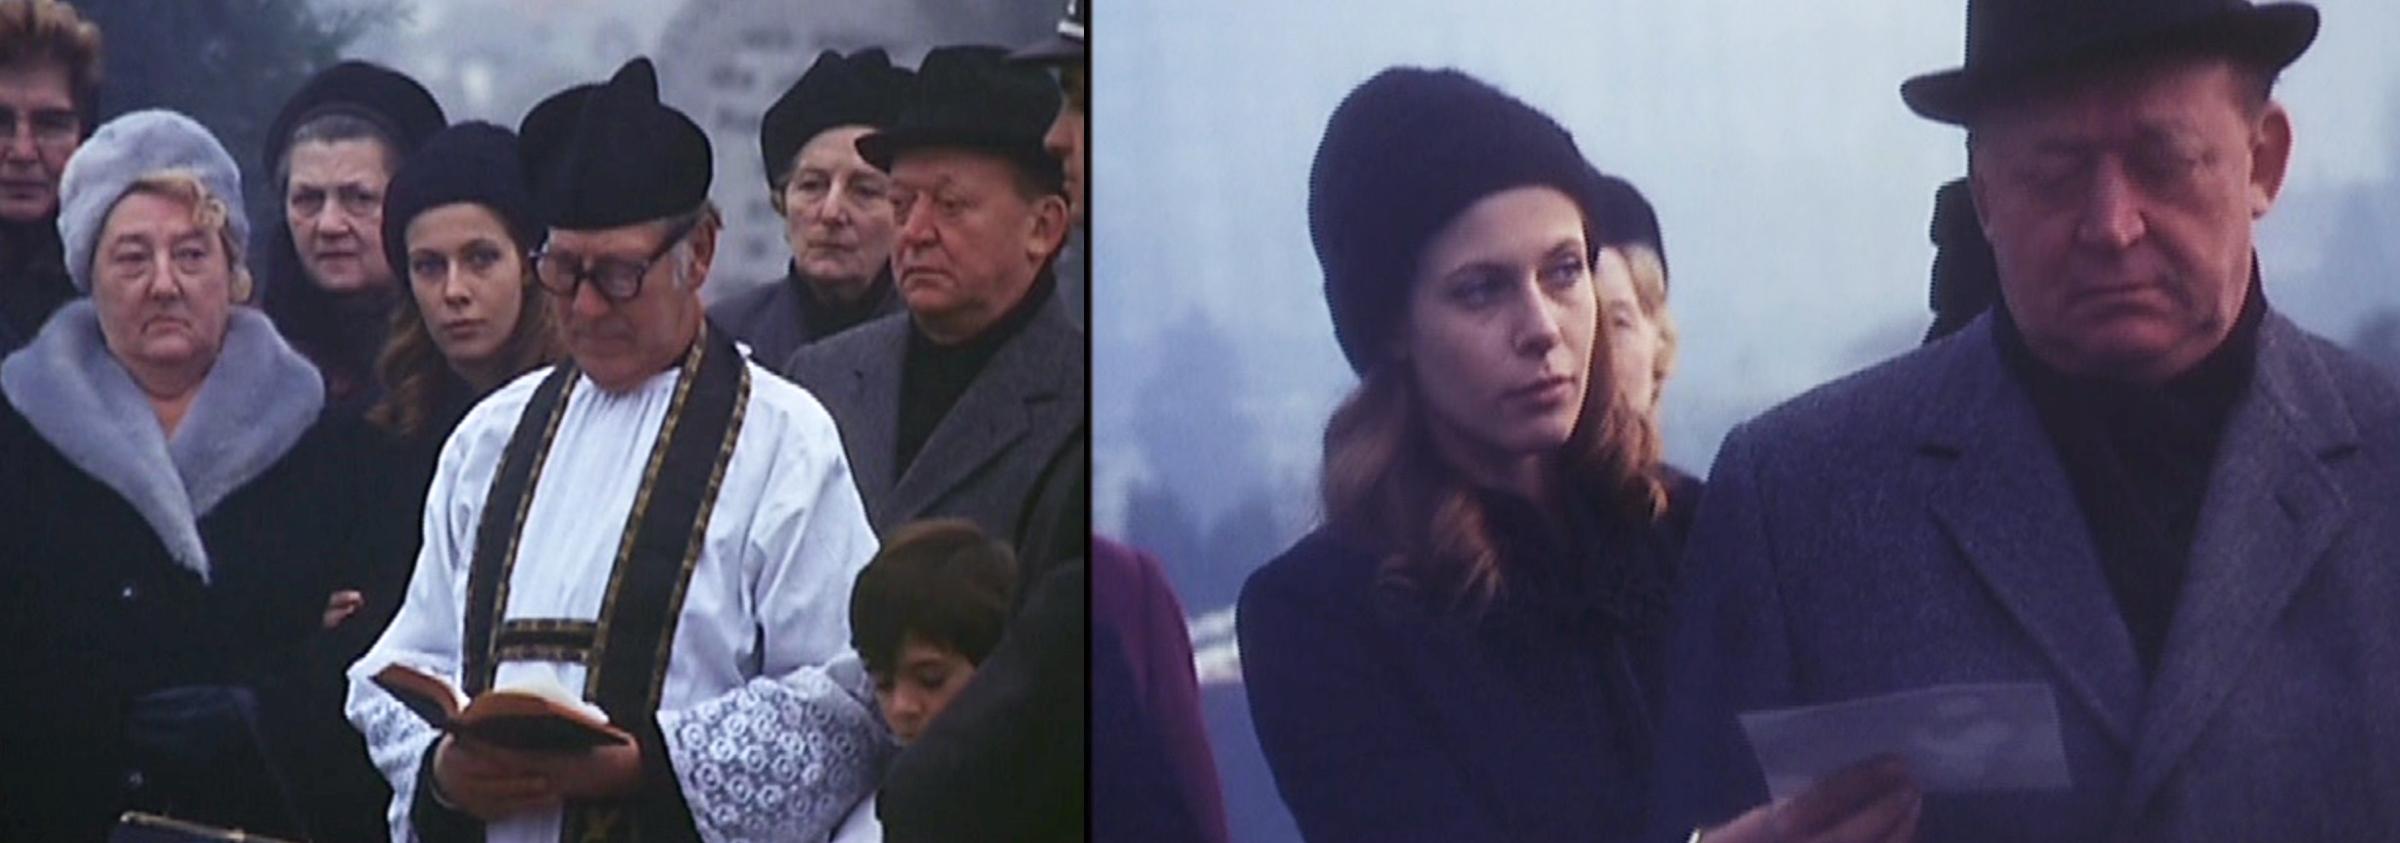 Claude Jade, Jane Meuris, Edgard Willy, Home sweet Home, film de Benoit Lamy